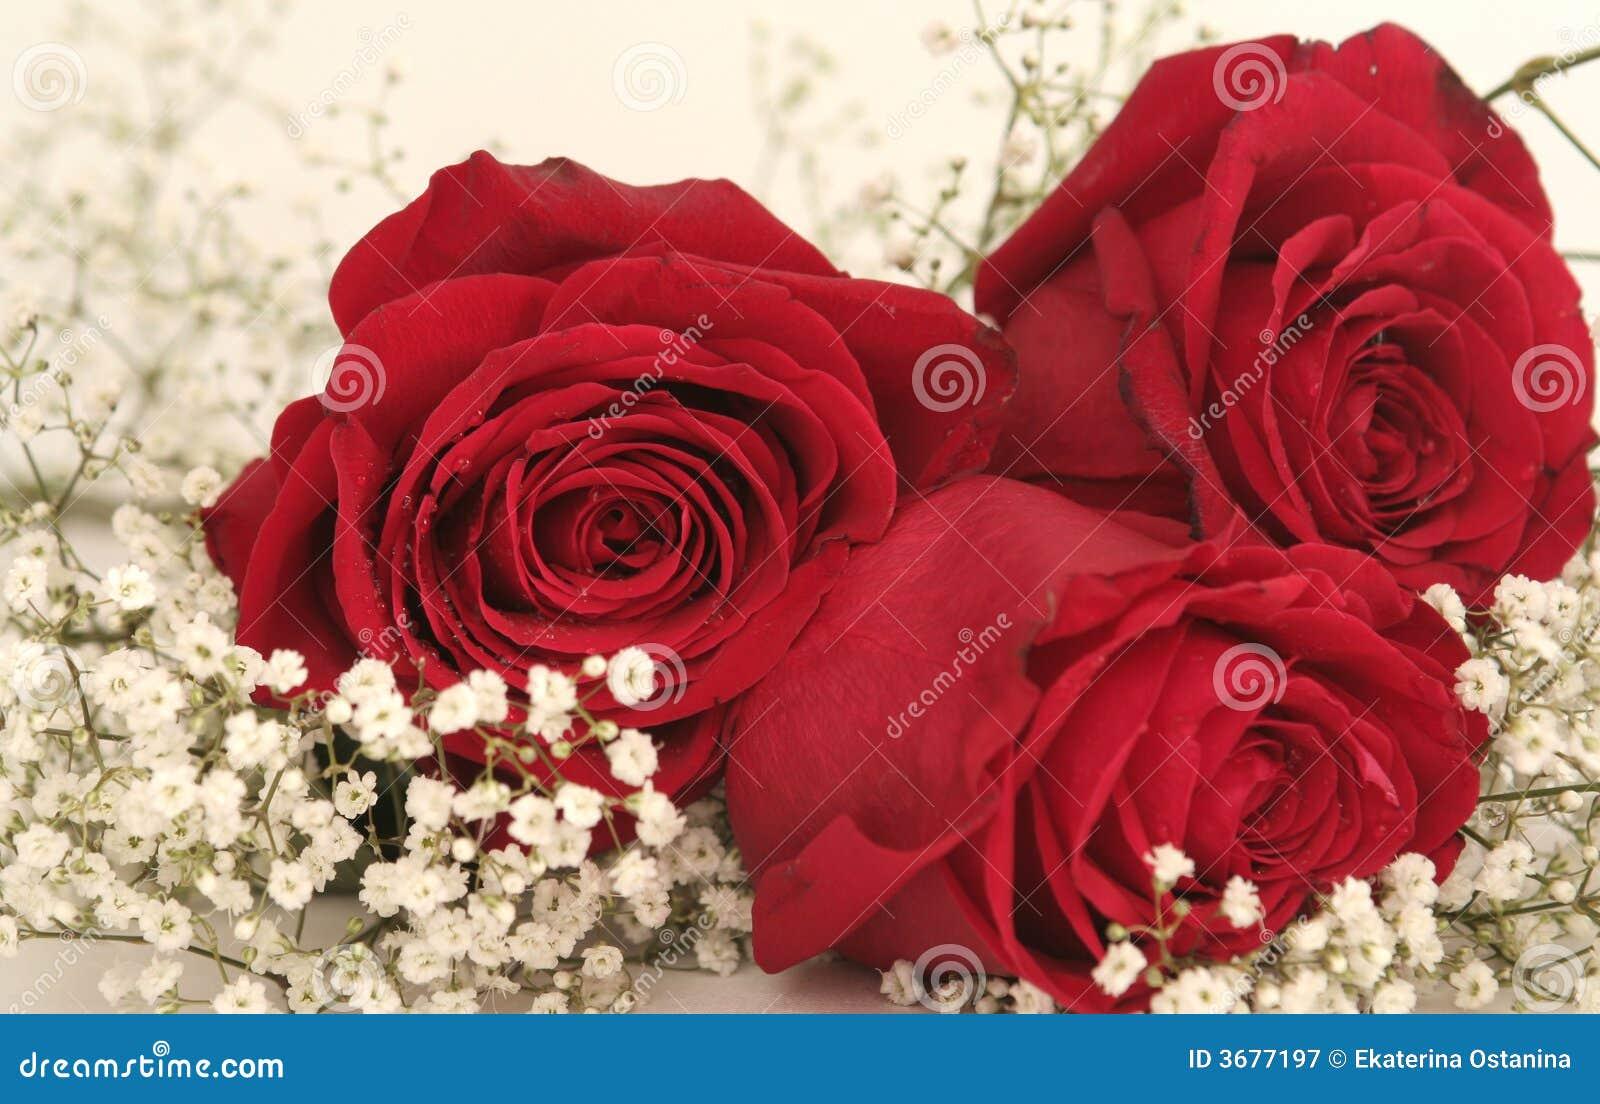 Drei schöne rote Rosen